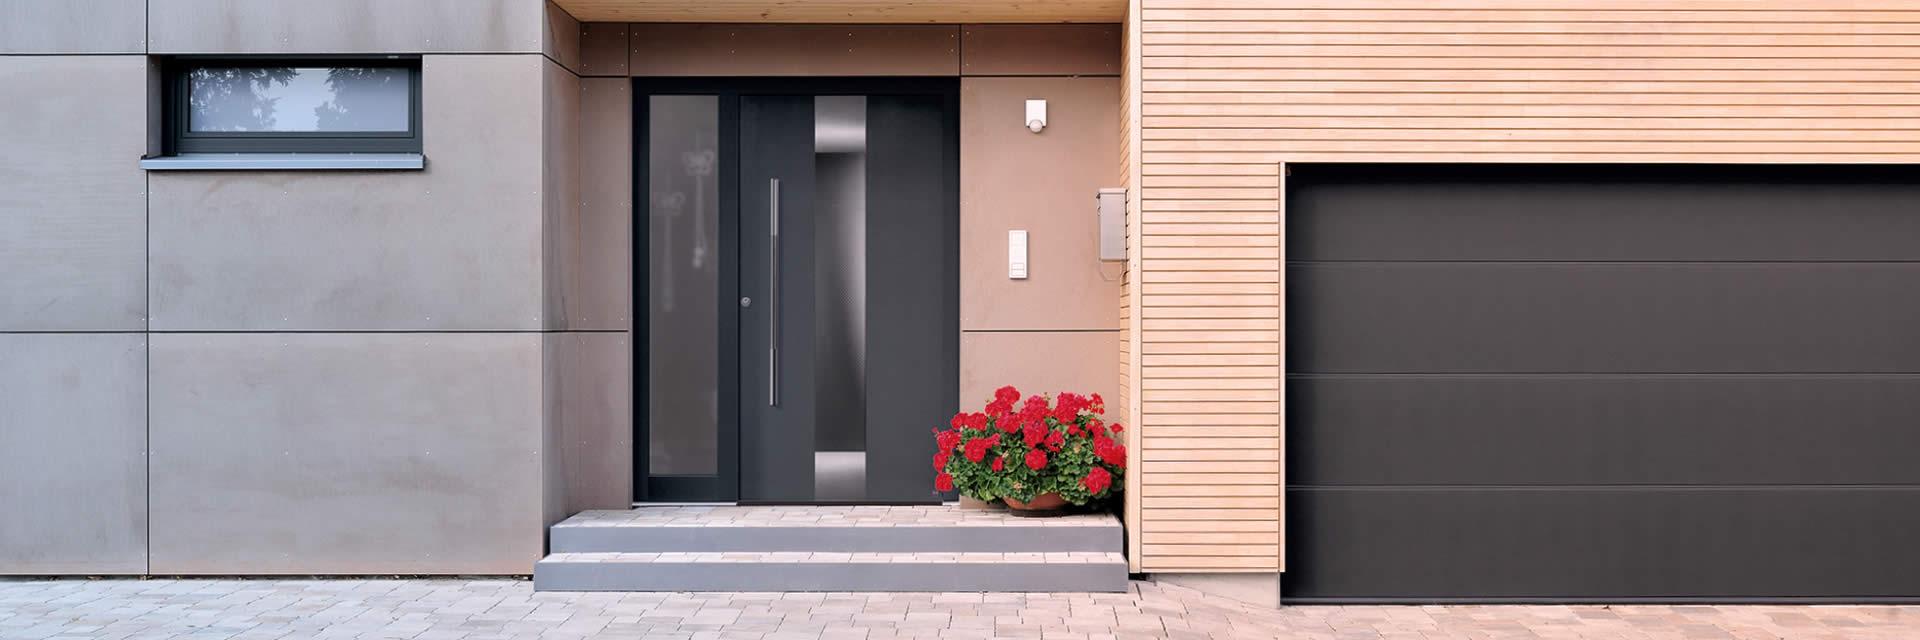 Kovacic volets fen tres porte de garage strasbourg for Kovacic porte de garage prix